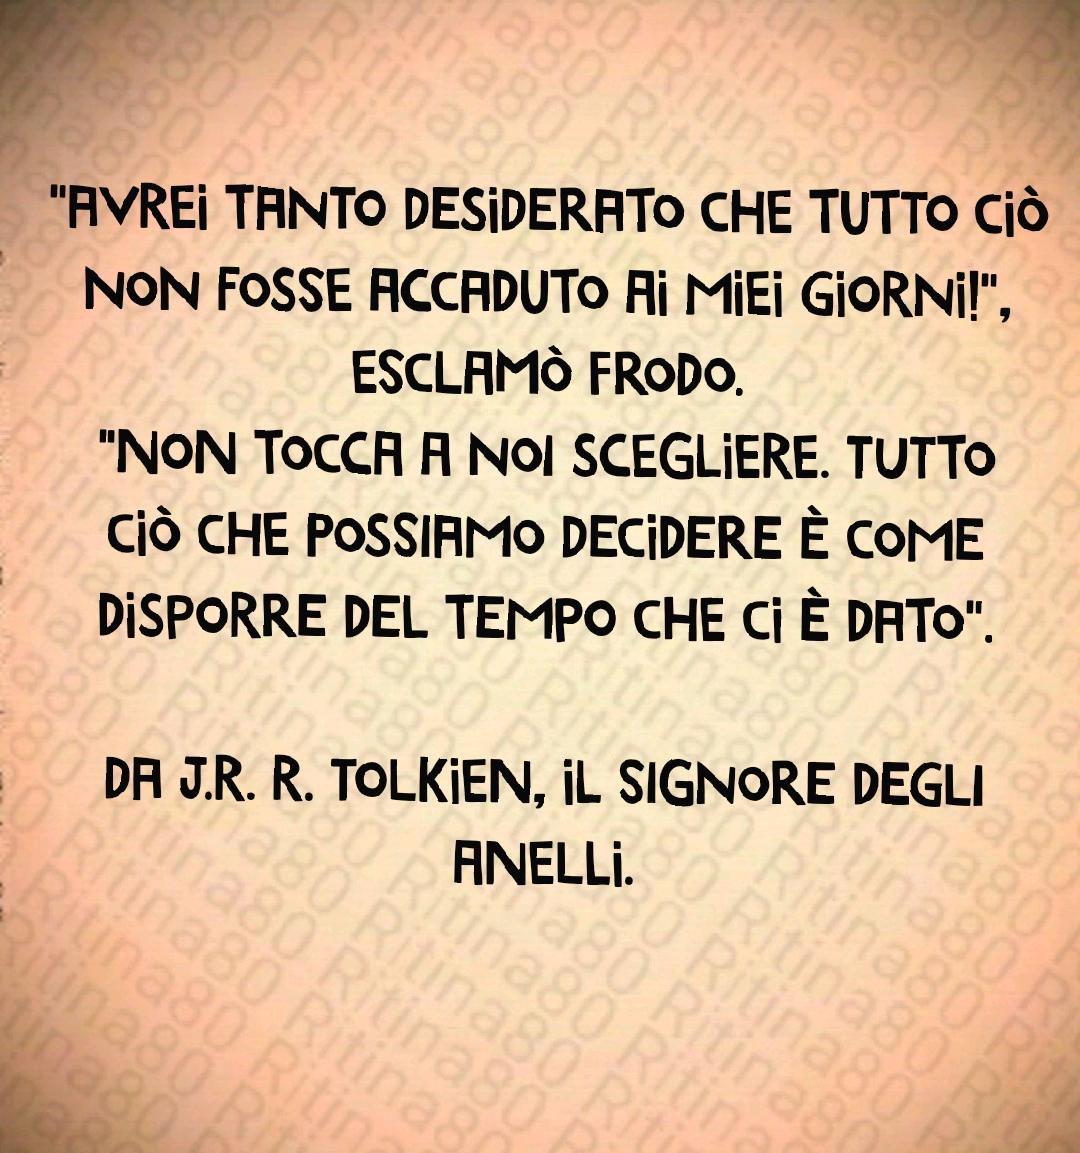 """""""Avrei tanto desiderato che tutto ciò non fosse accaduto ai miei giorni!"""", esclamò Frodo. """"Non tocca a noi scegliere. Tutto ciò che possiamo decidere è come disporre del tempo che ci è dato"""".  da J.R. R. Tolkien, Il Signore degli anelli."""